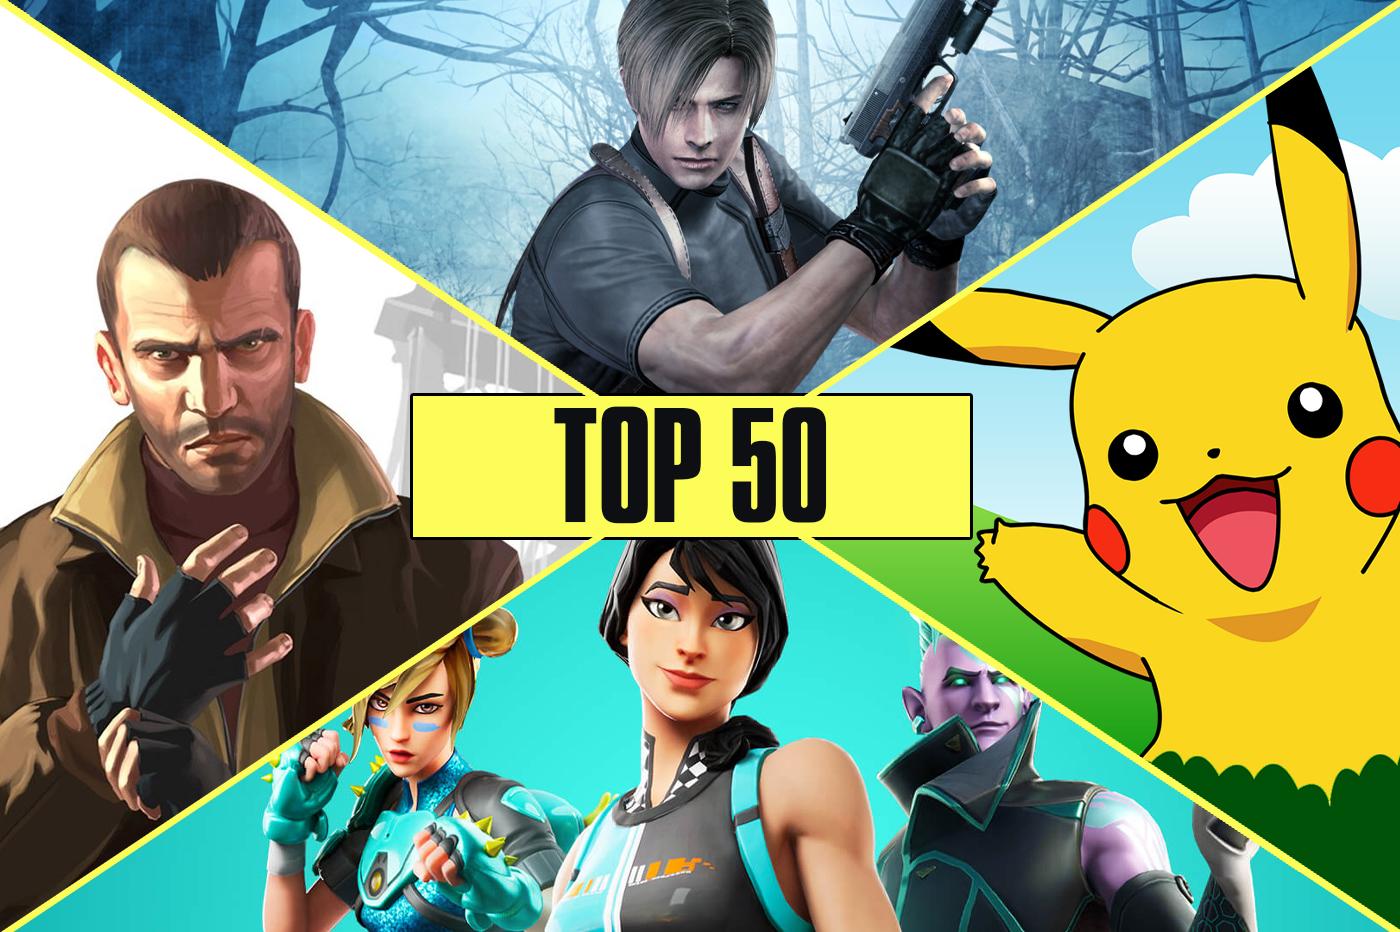 Https Www Presse Citron Net App Uploads 2020 06 Top 50 Licences Jeux Video Plus Rentables Jpg